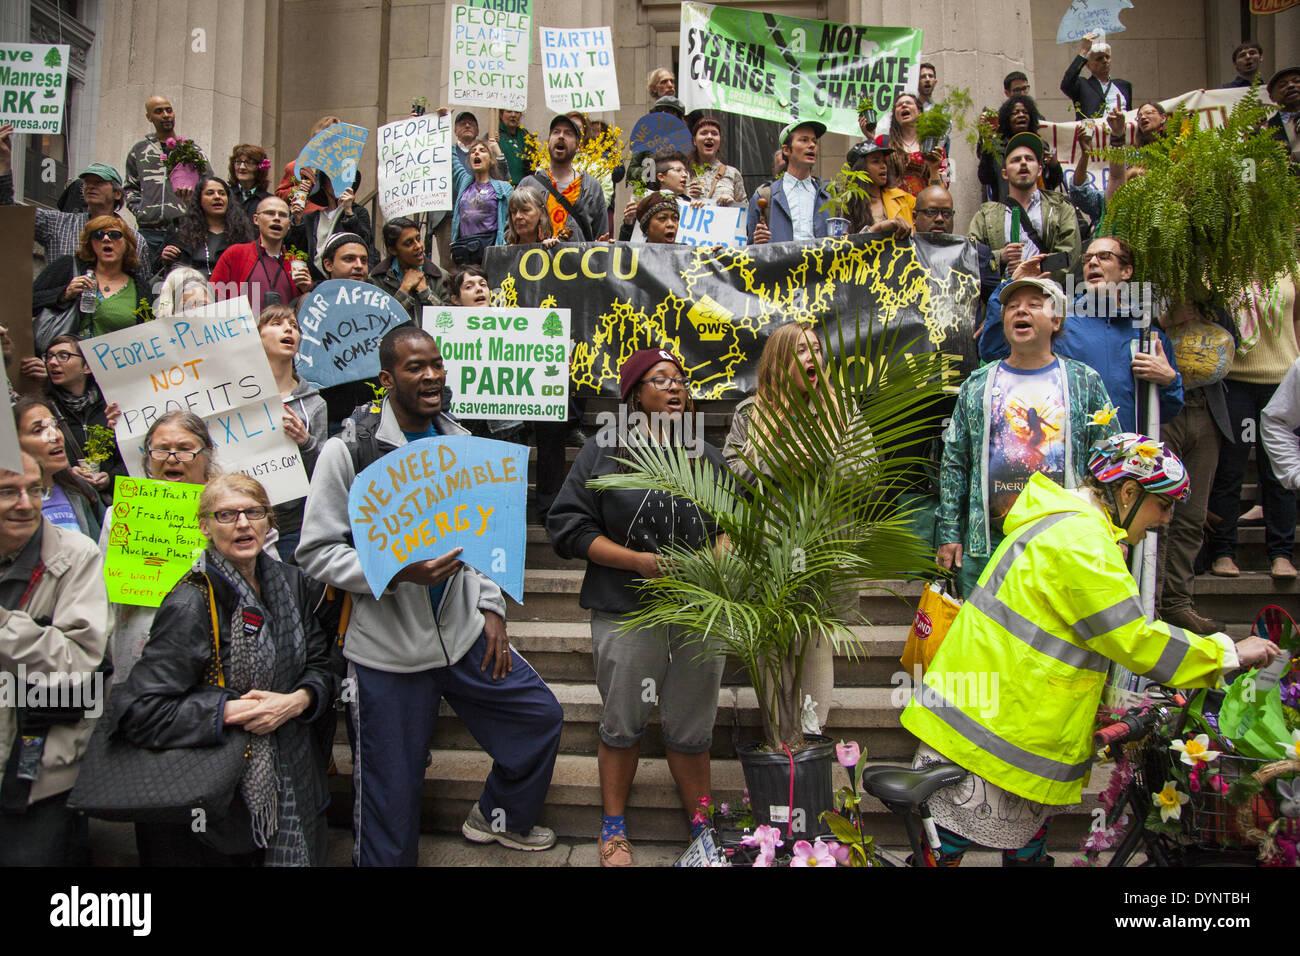 New York, NY, Stati Uniti d'America , 22 Apr 2014. Gli attivisti ambientali rally su terra giorno a Zuccotti Park, poi da marzo a Wall Street per la chiamata di sistema non modifica il cambiamento climatico. Il occupare movimento è ancora intorno a NYC sembra. Credito: David Grossman/Alamy Live News Immagini Stock